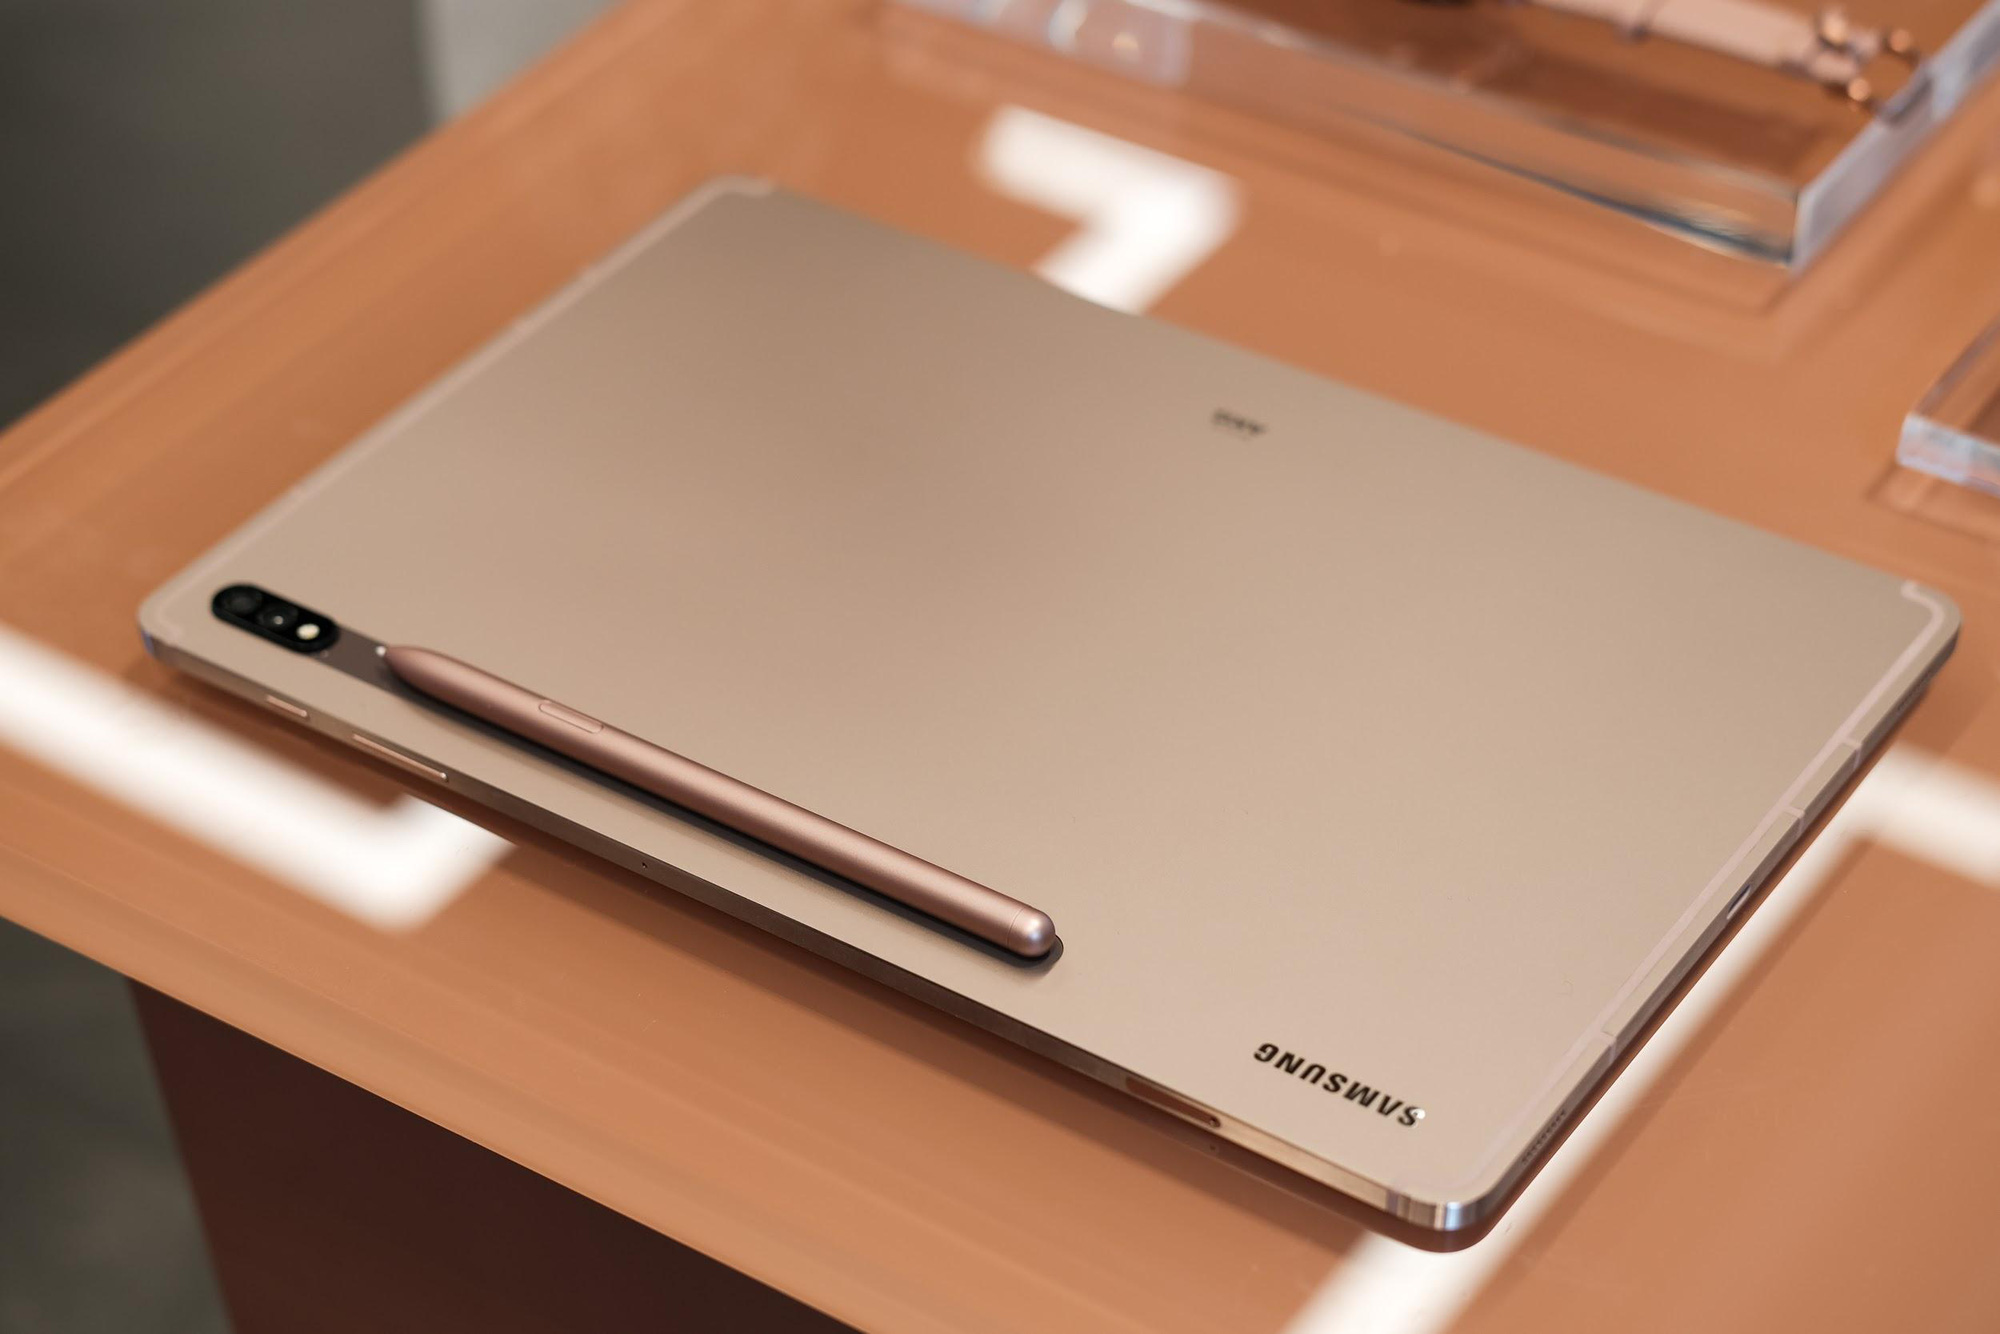 Tận hưởng phong cách làm việc như triệu phú cùng Galaxy Tab S7/S7+ - Ảnh 1.